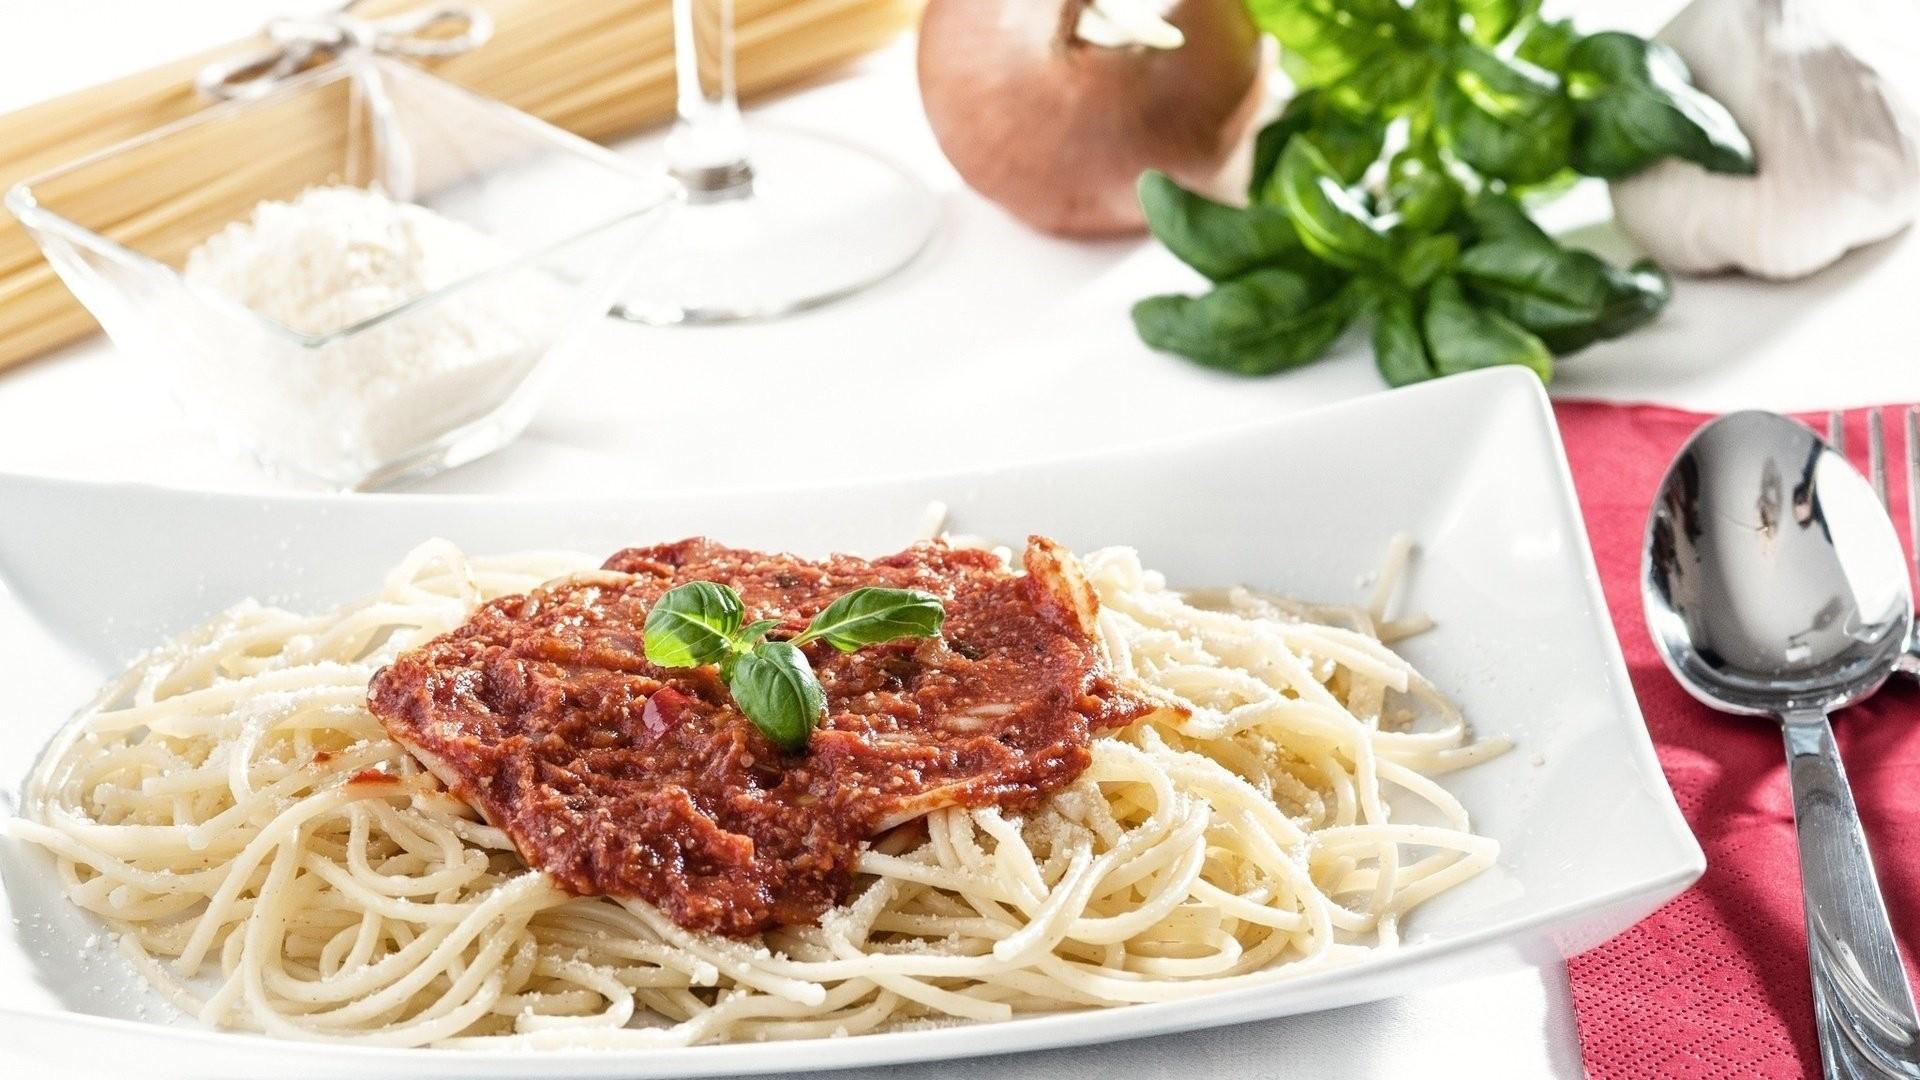 Pasta Wallpaper Picture hd